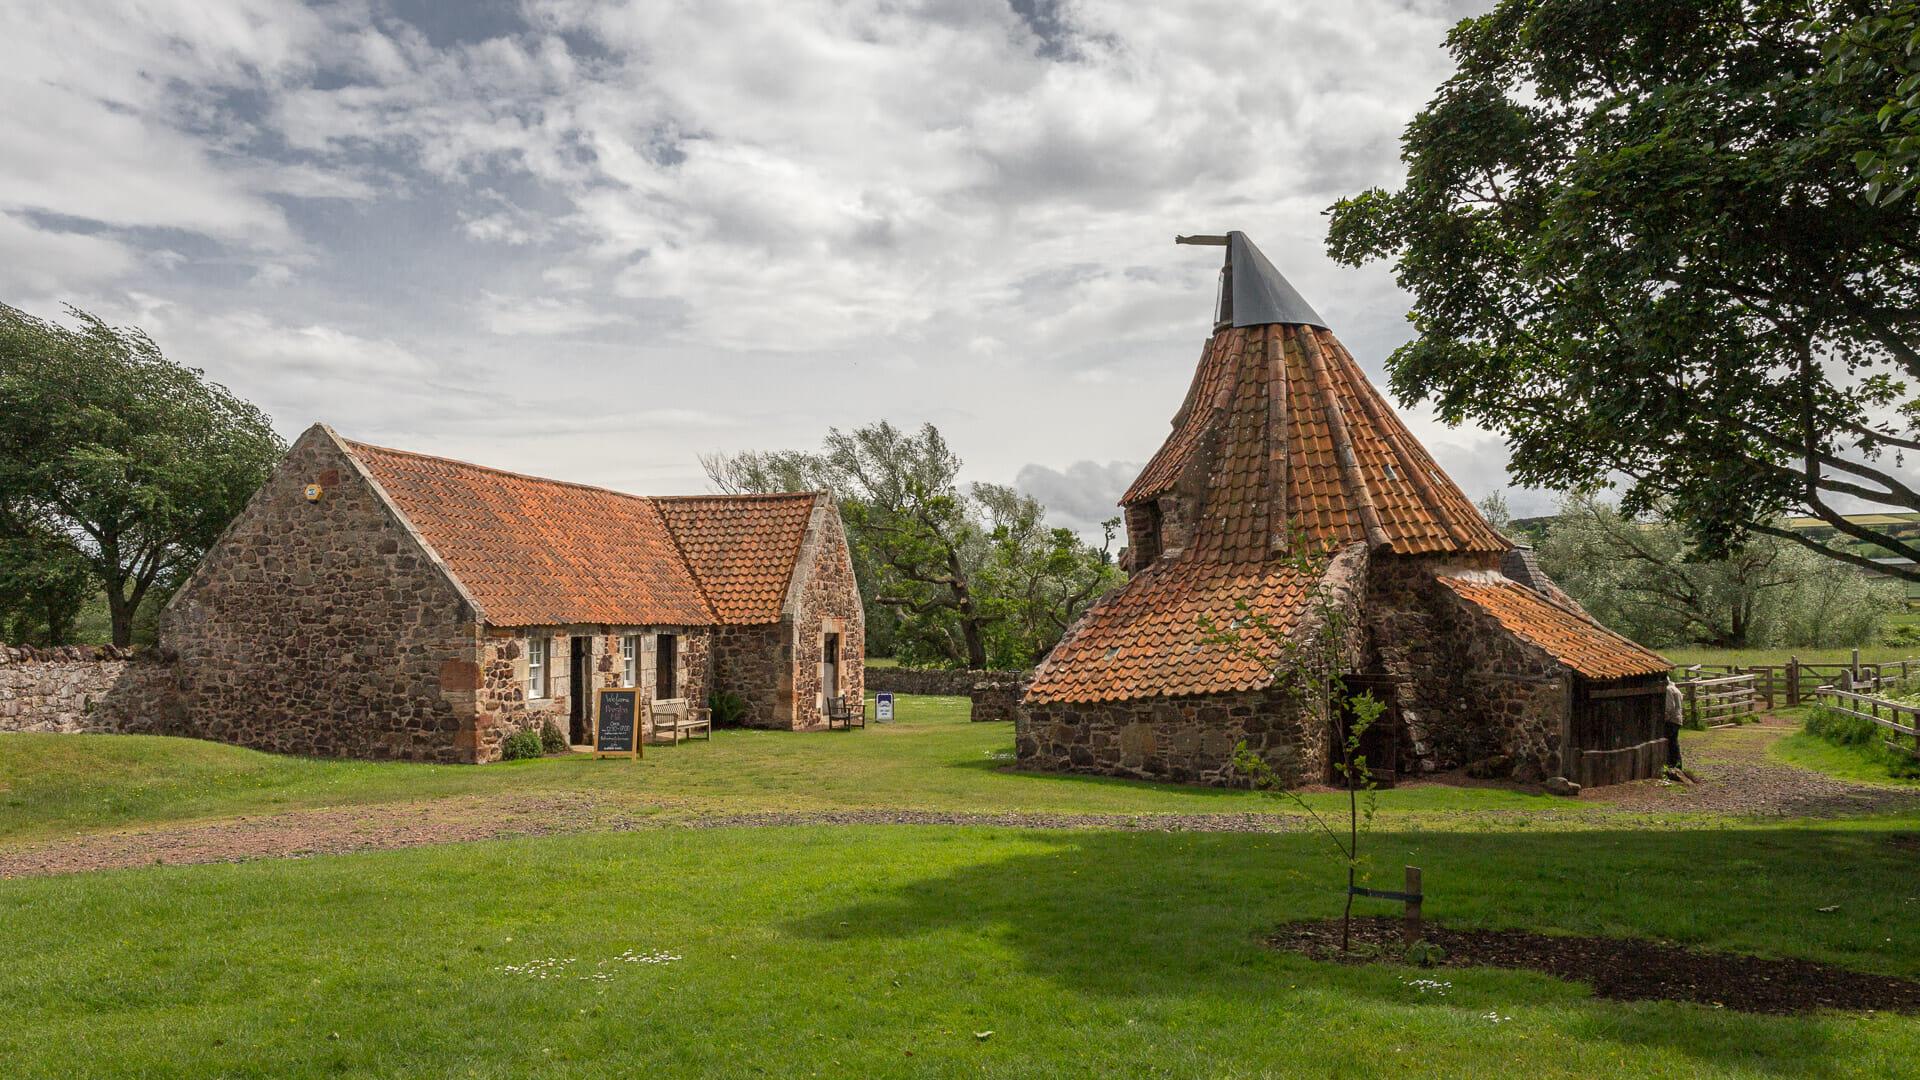 Links das Haus der Müllerfamilie, rechts die Mühle